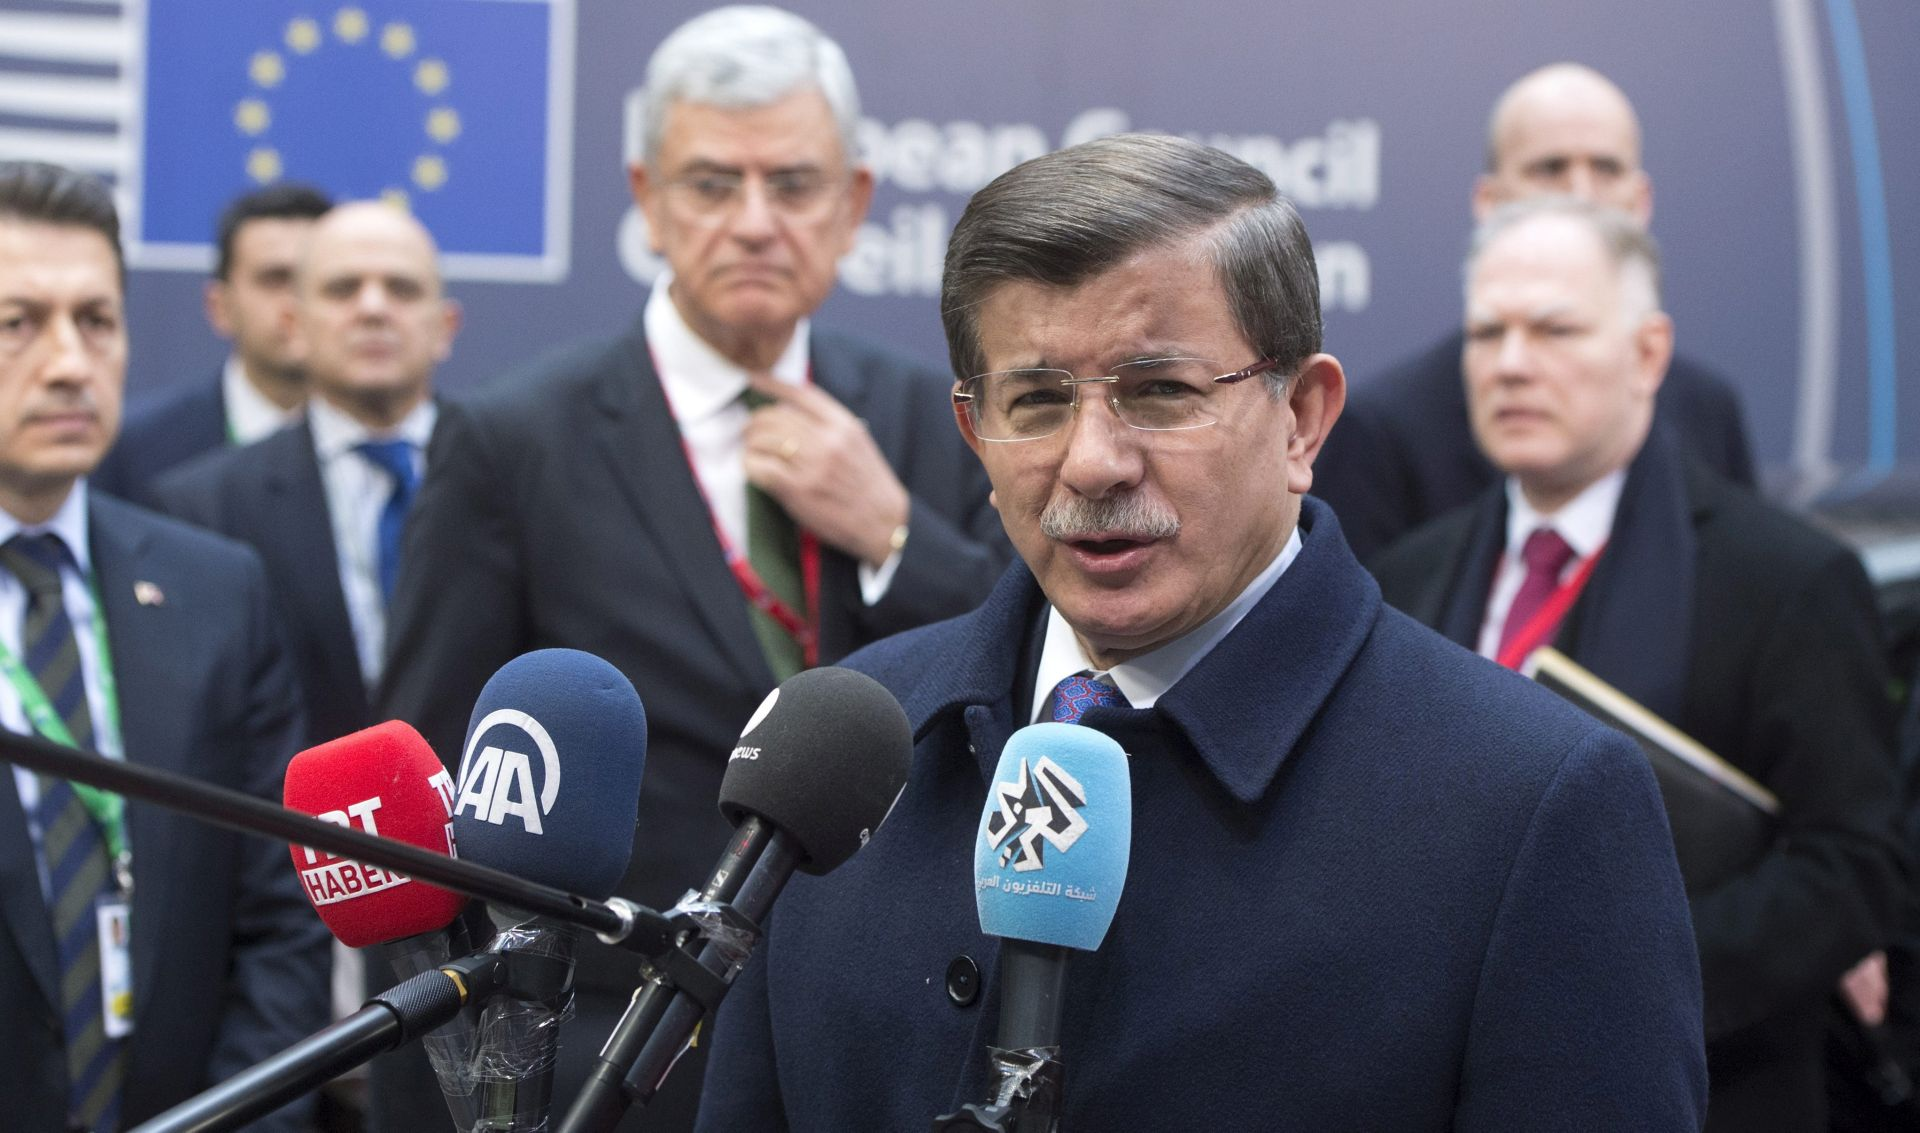 NAKON NAPADA: Turske vlasti poručuju da se ne boje nakon krvava napada PKK-a